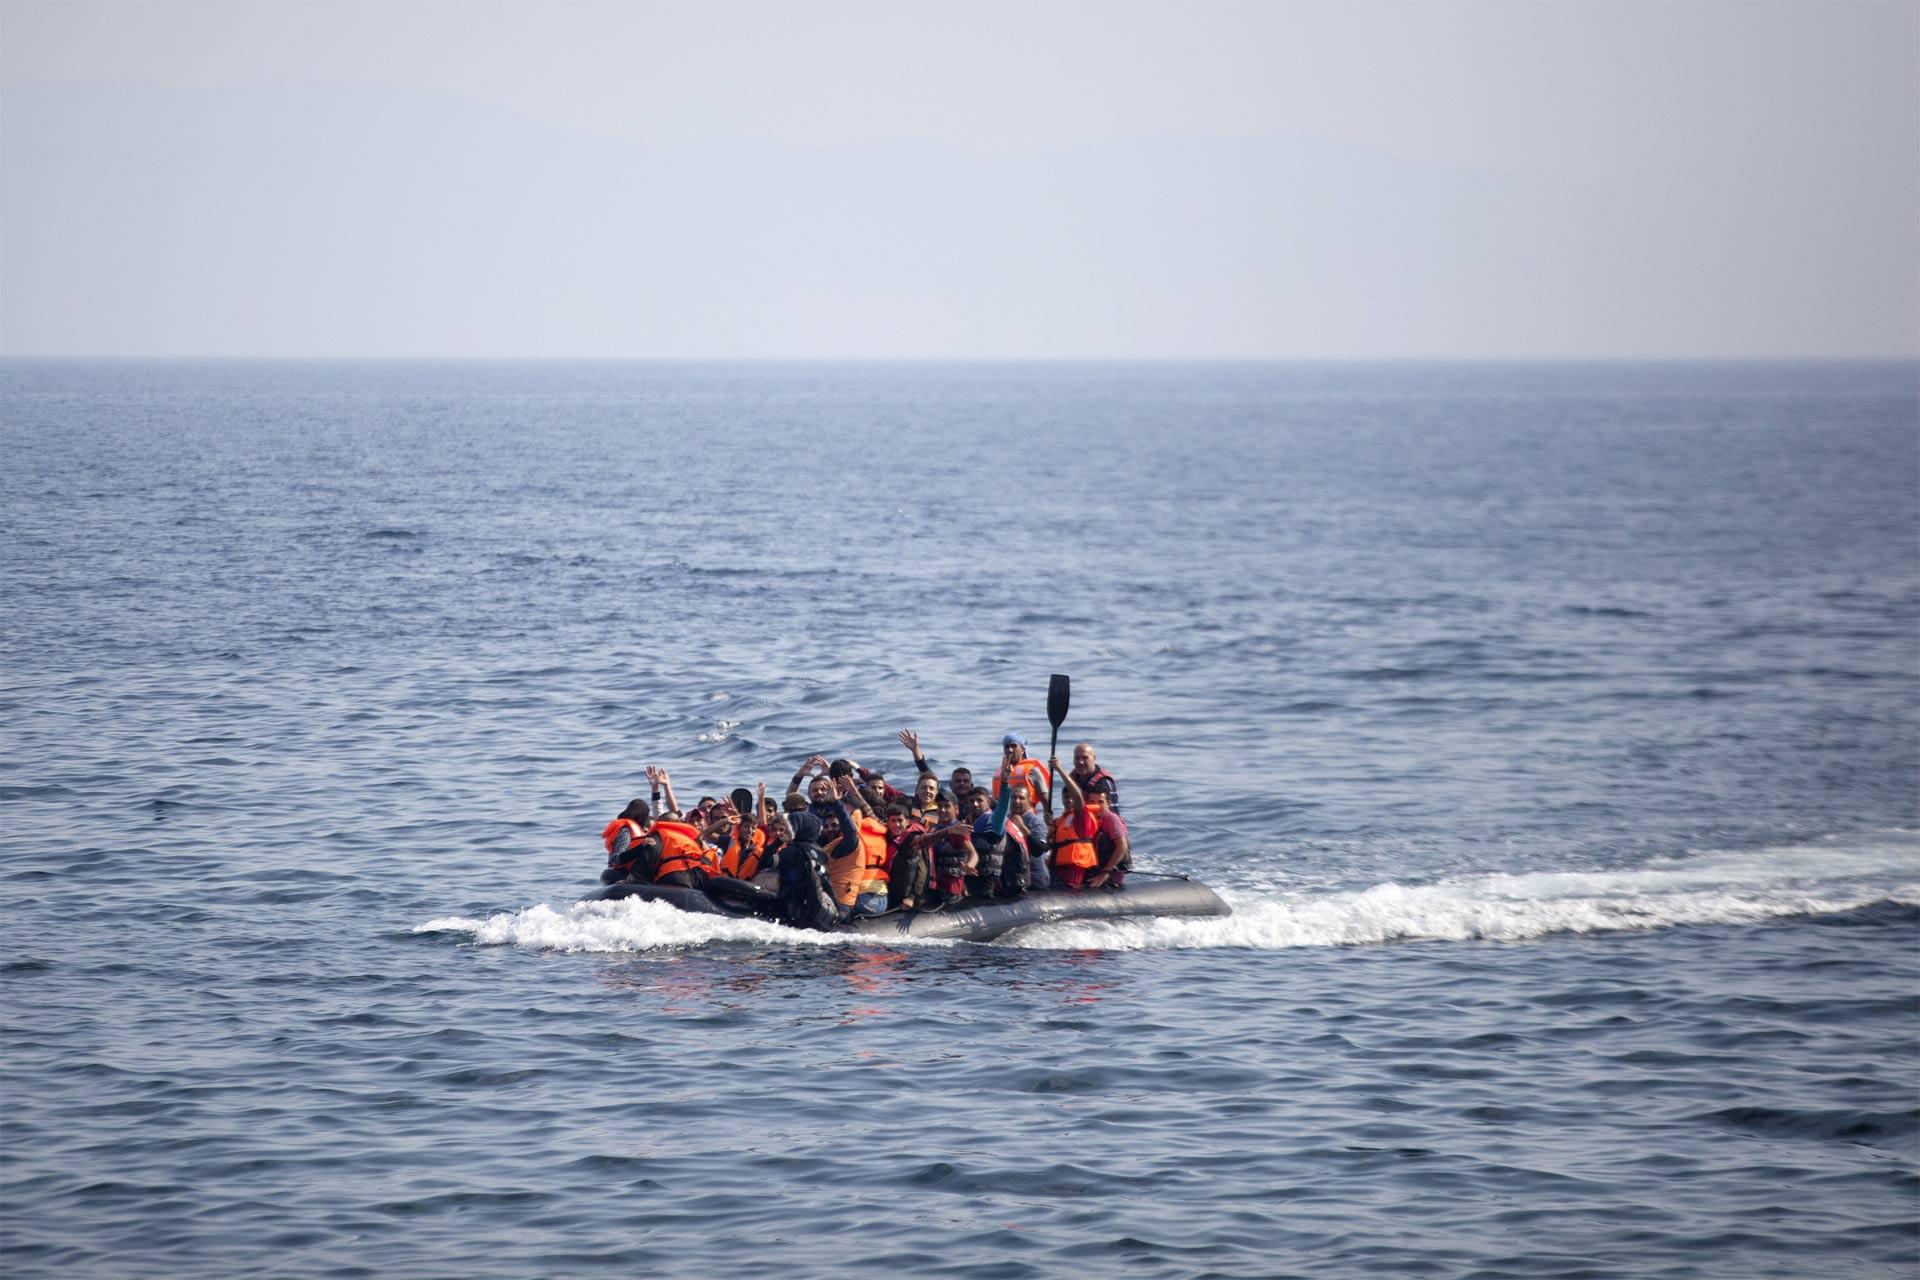 Las autoridades turcas apresaron a cuatro sospechosos por el fallecimiento de 12 personas